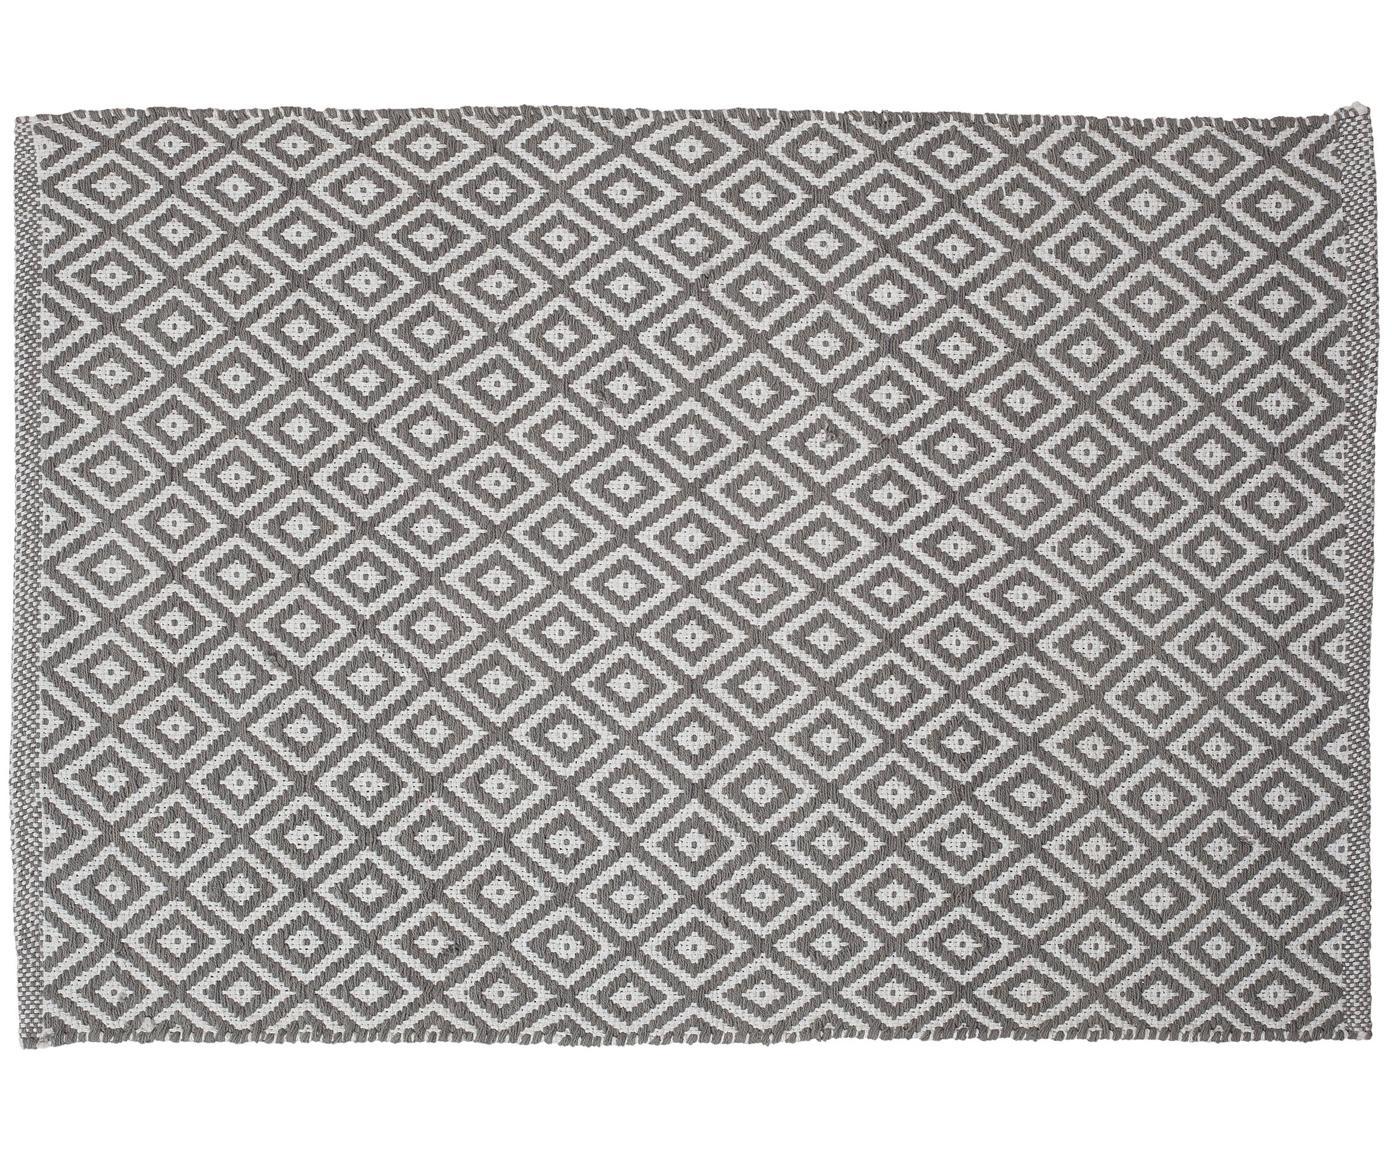 Dywanik   łazienkowy  Erin, Bawełna, Szary, biały, S 60 x D 90 cm